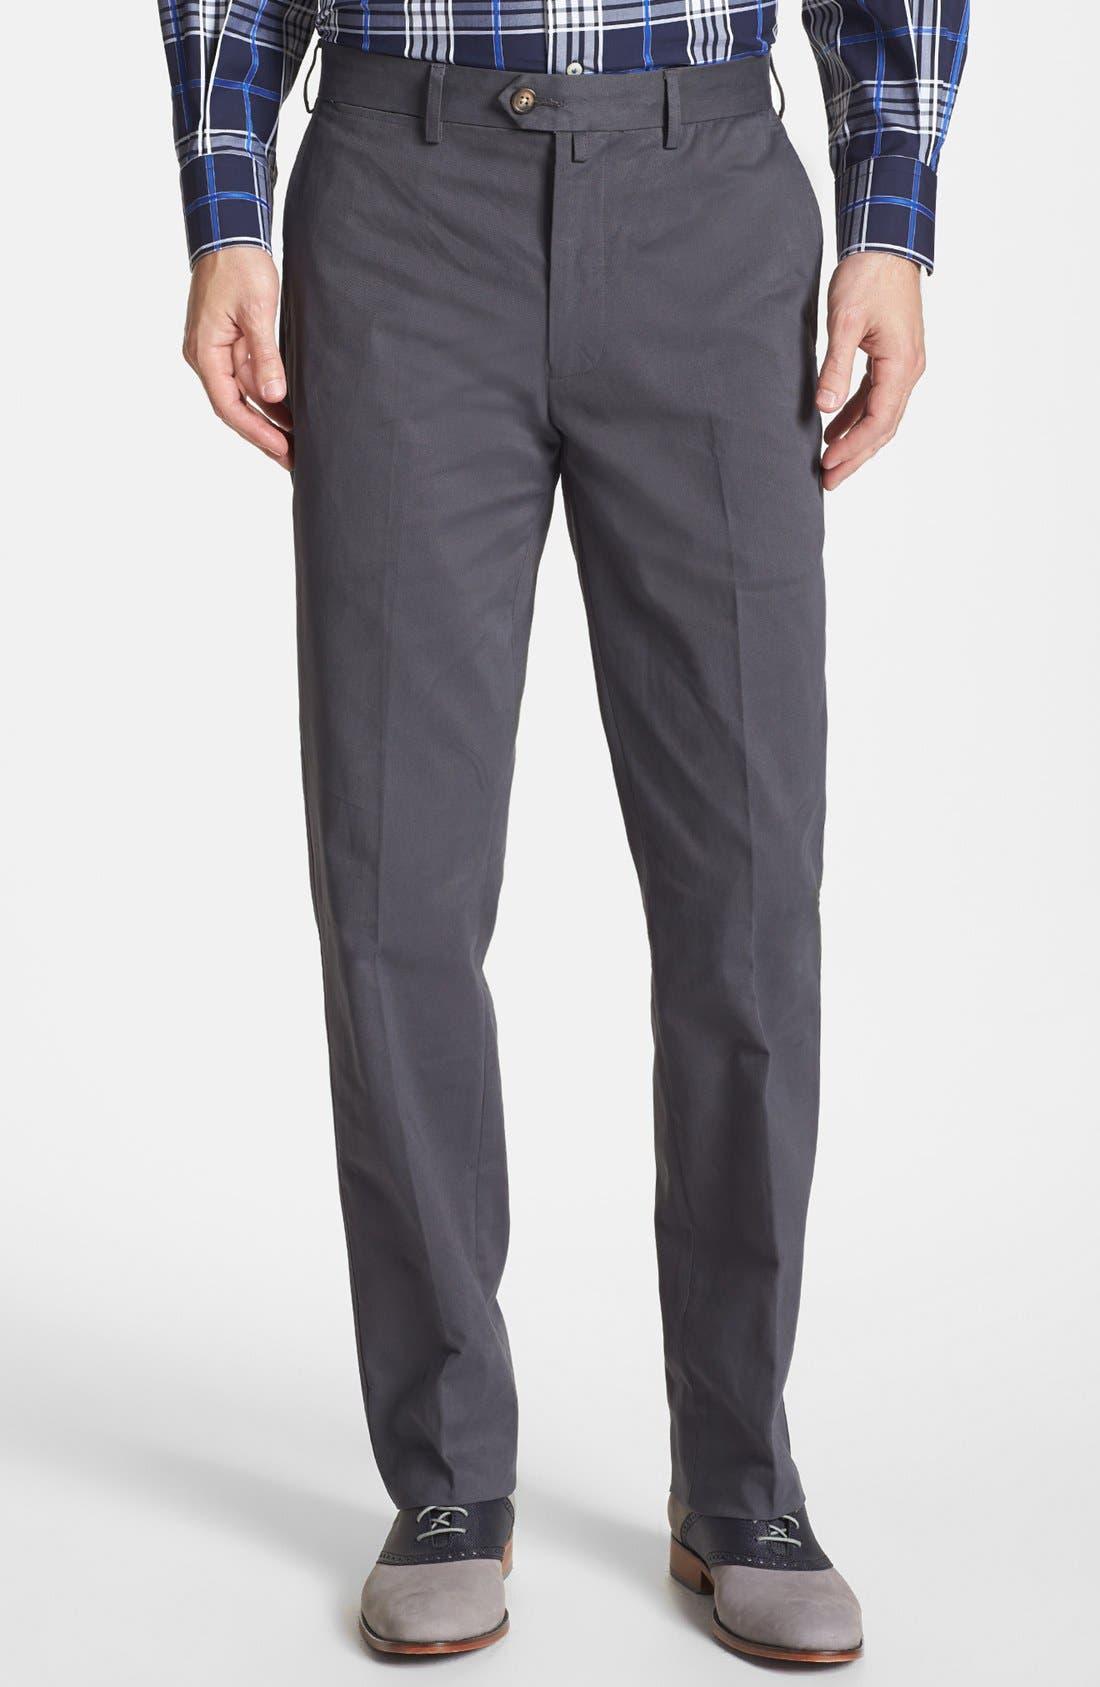 Alternate Image 1 Selected - Façonnable 'Savon' Flat Front Cotton Pants